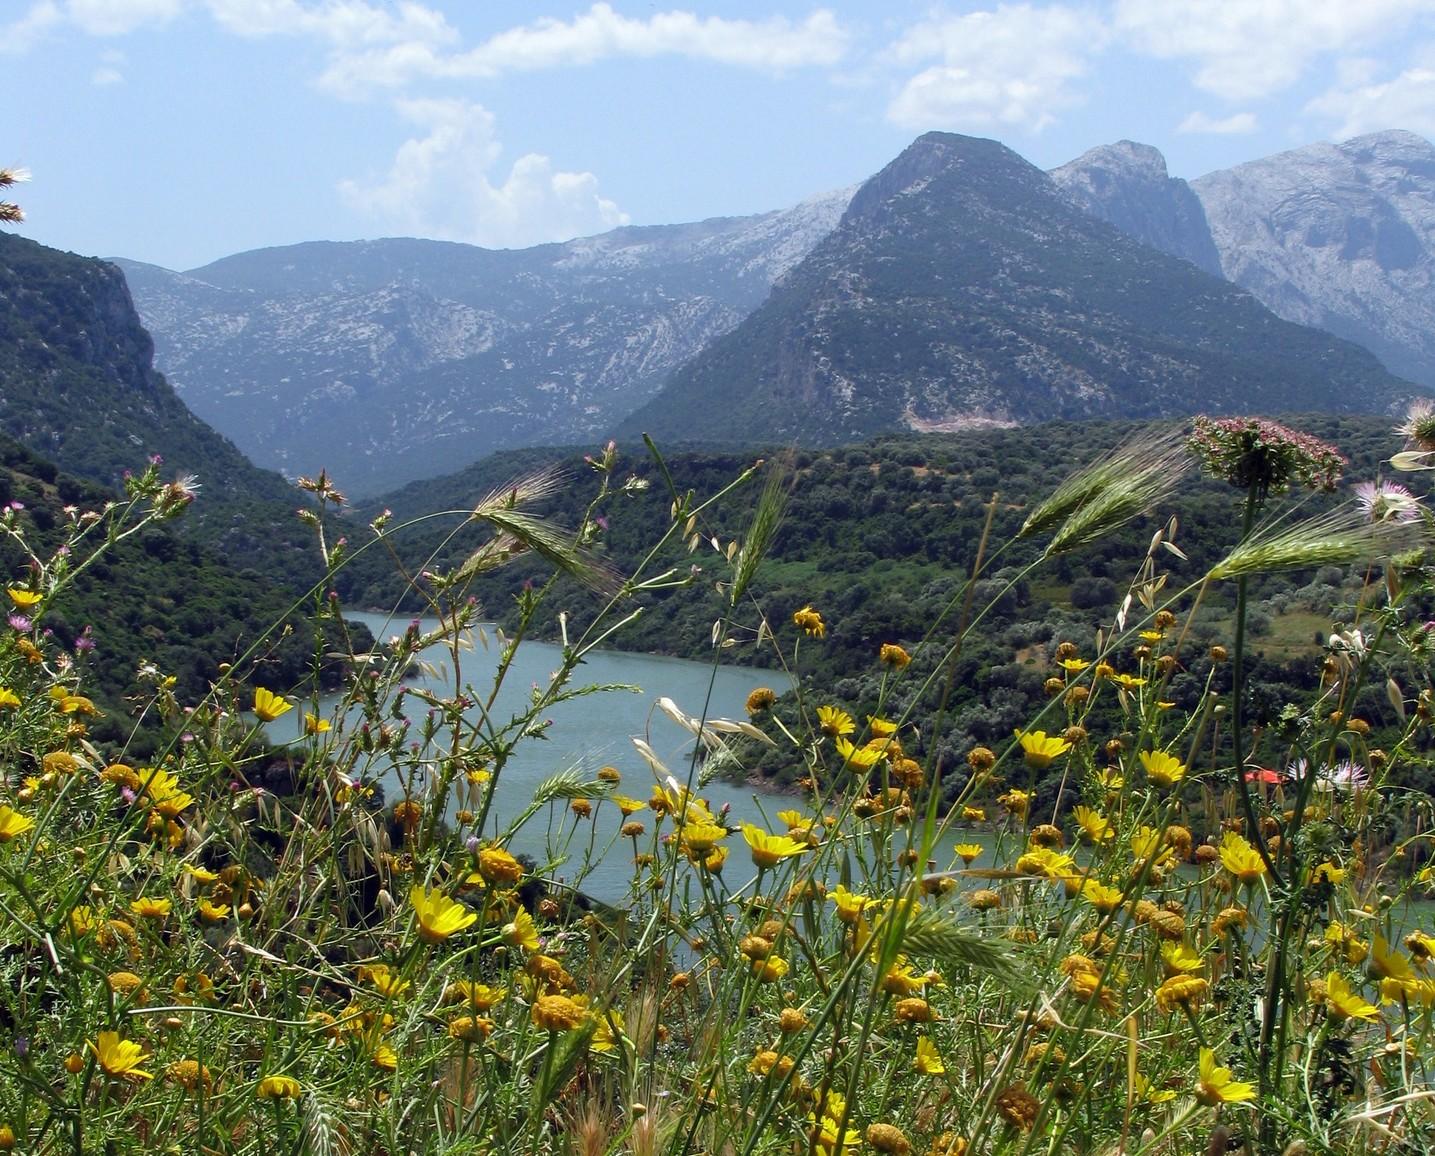 Valle del cedrino nelle vicinanze di Galtellì. Galtellì vi aspetta con una simpatica e originale competizione di 150 vini in concorso per a Terza Edizione di EnoGalte 2016 dal 13 al 16 aprile.